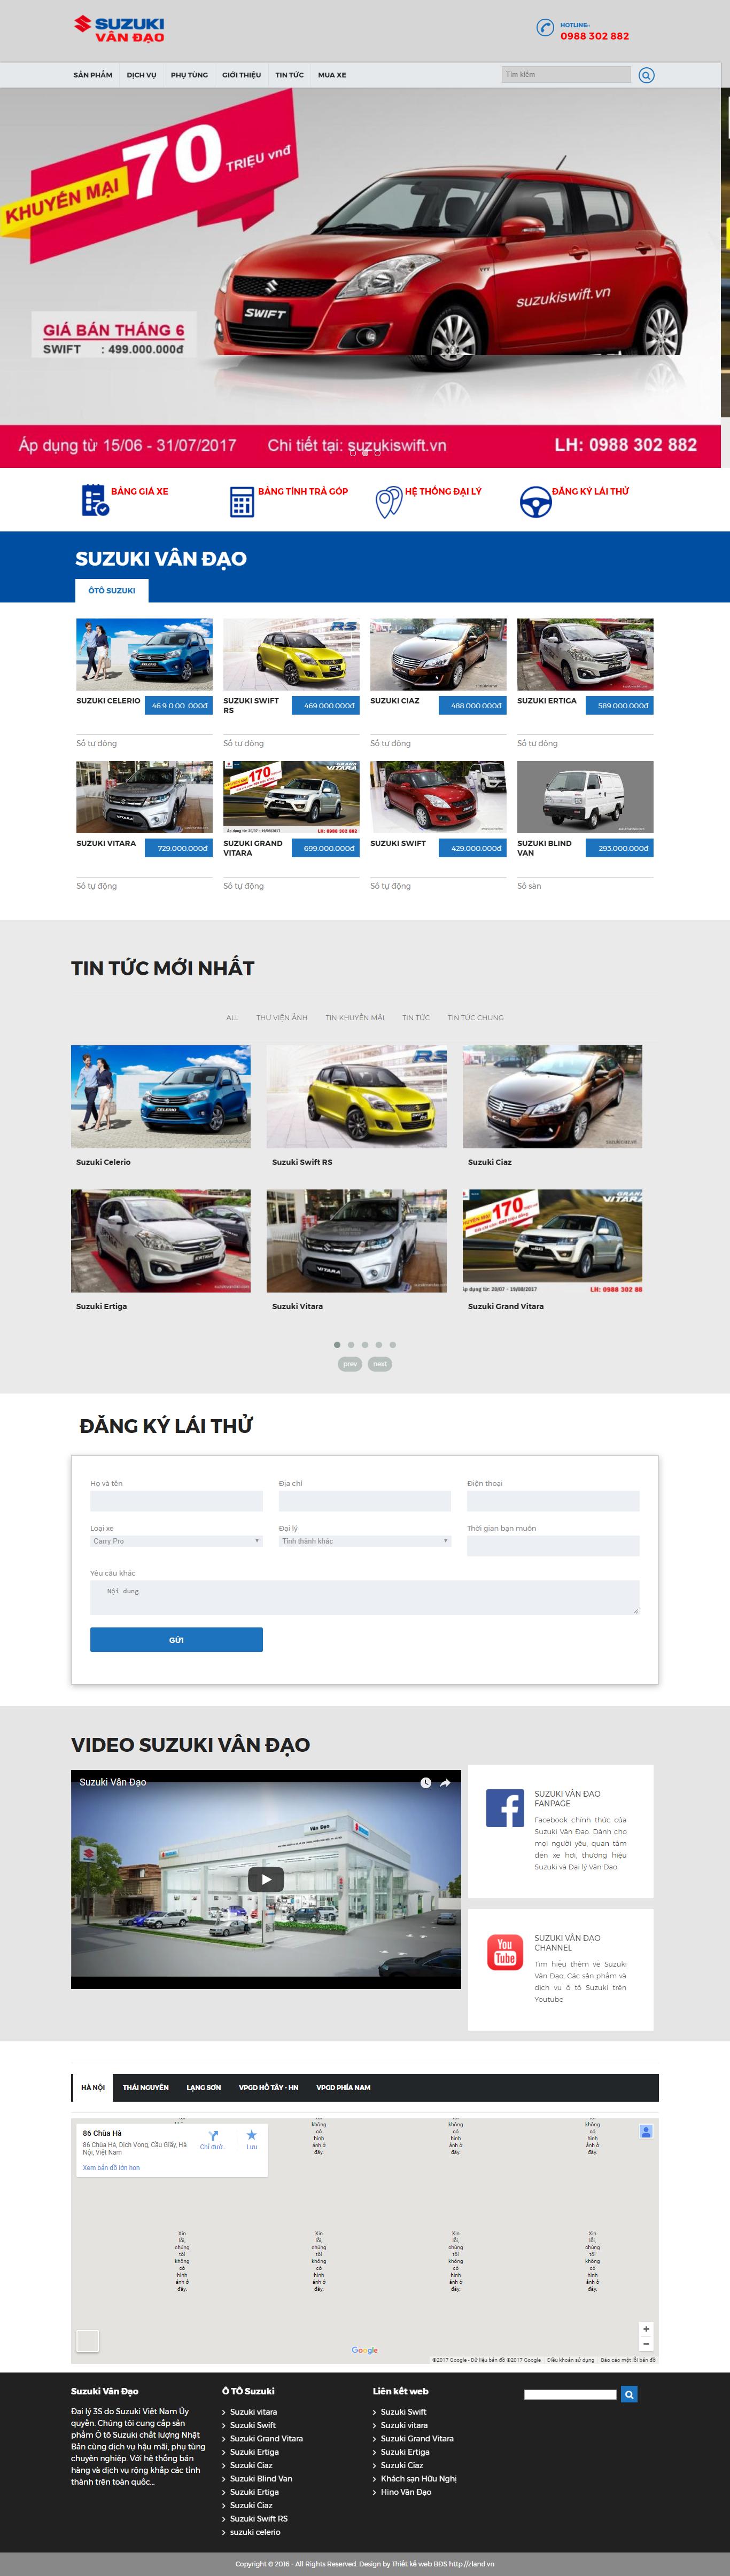 Giao diện website Bất động sản Z - 323